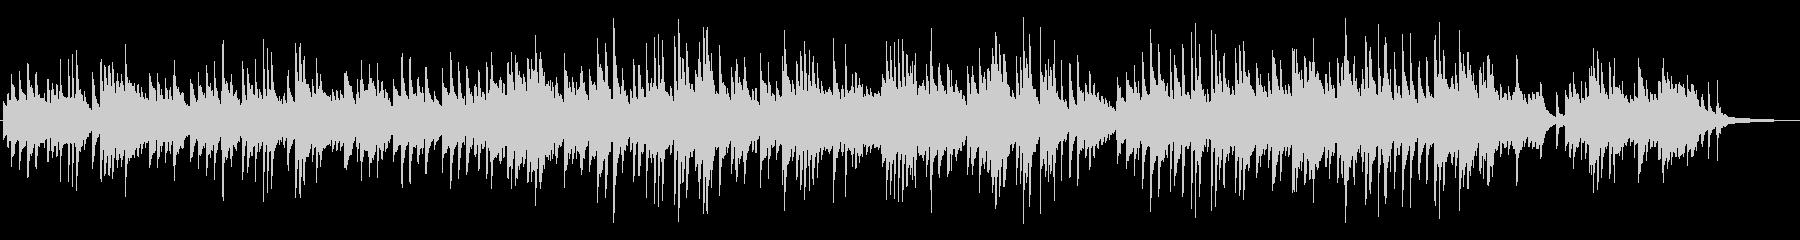 静かで優しい、叙情的なピアノBGMの未再生の波形